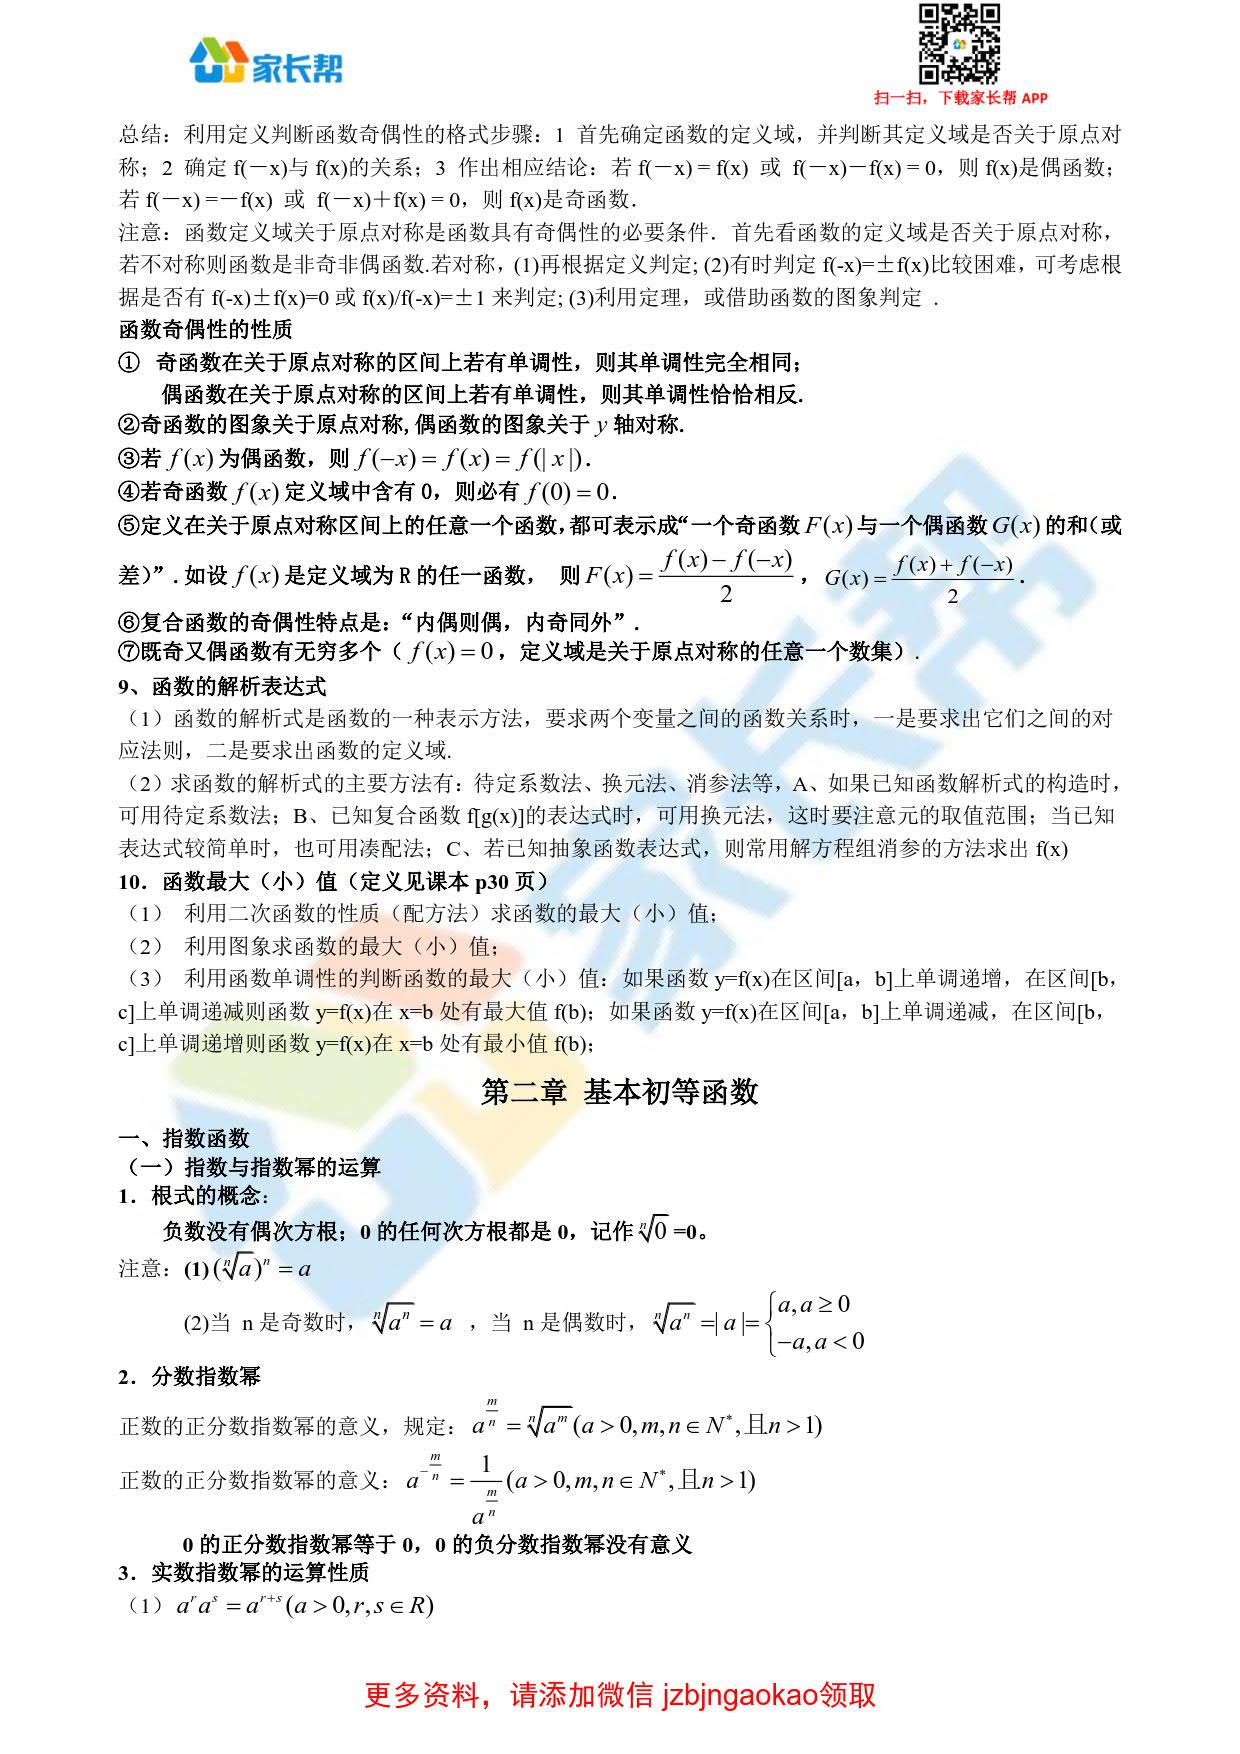 高中数学必修1知识点清单_5.jpg